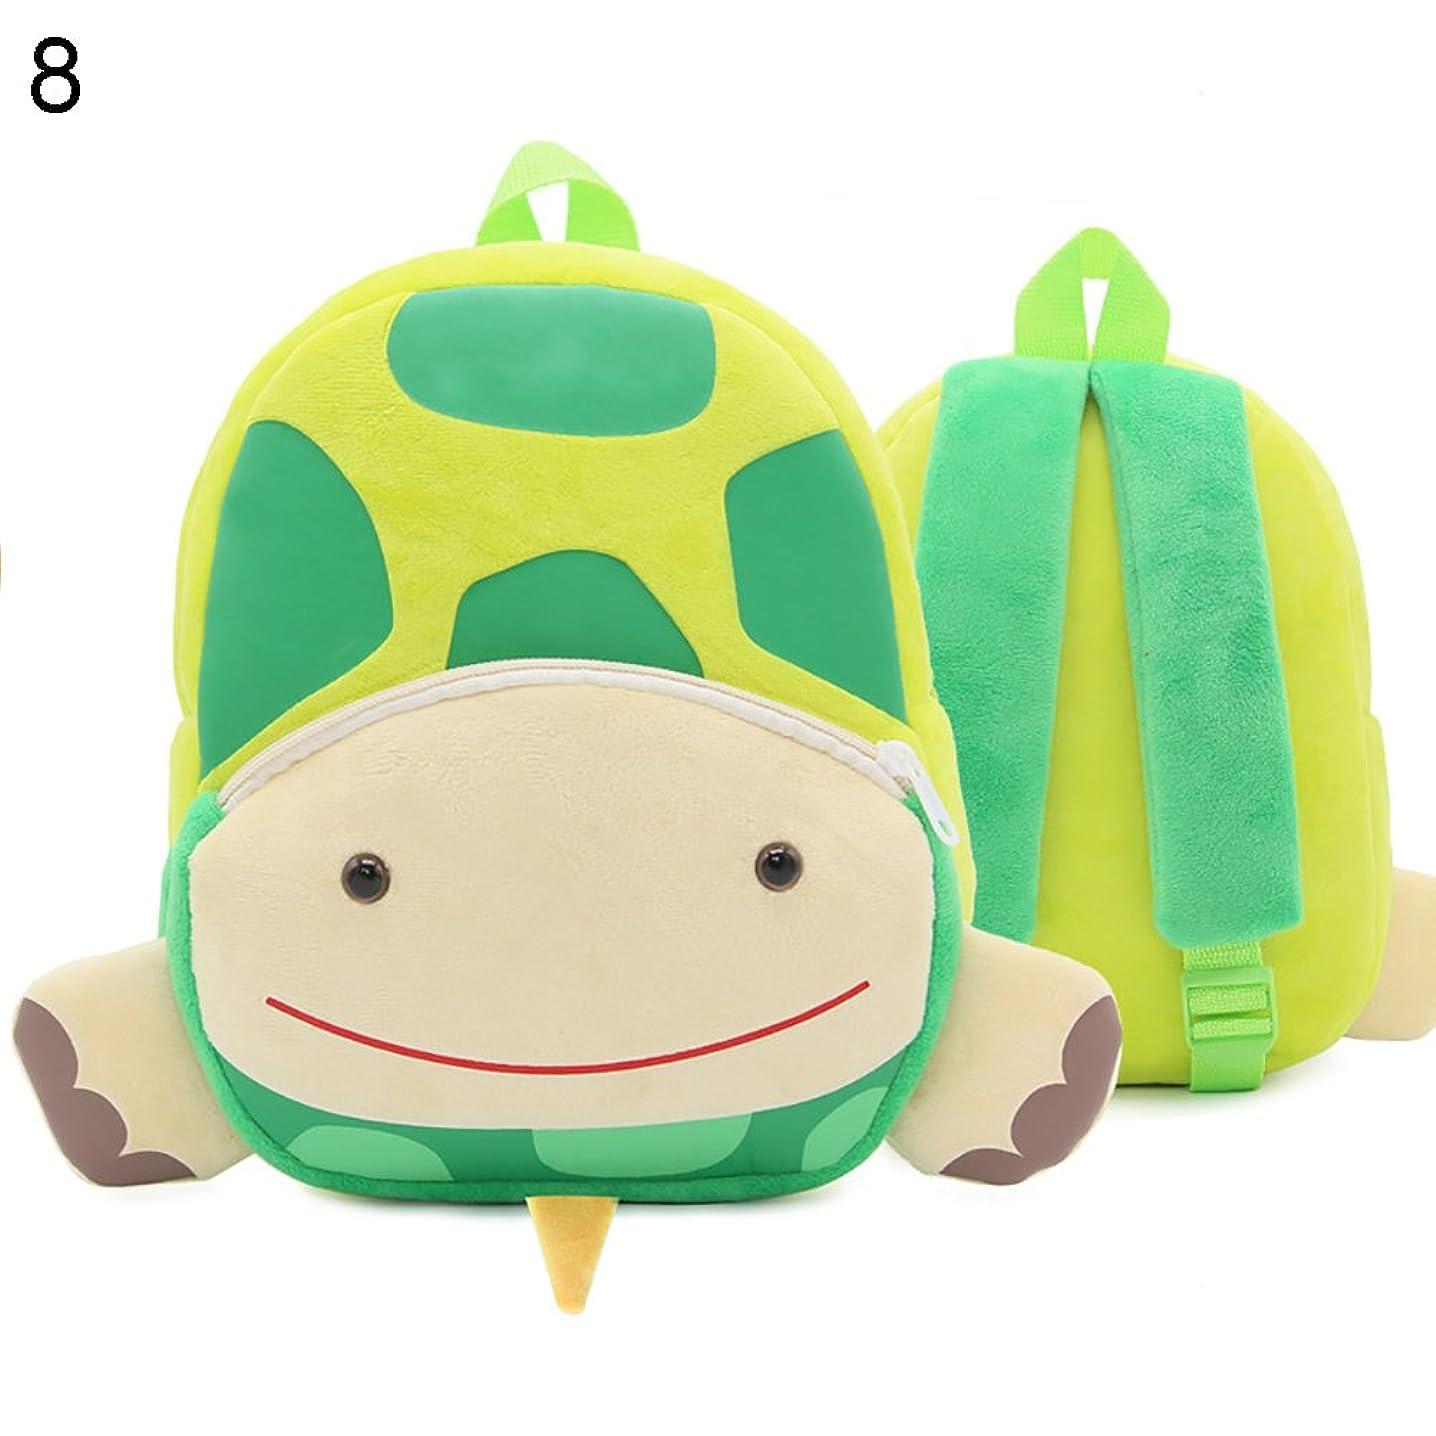 Backpacks&3D Cartoon Animal Plush Children Kids Girls Boys Backpack Kindergarten Schoolbag &for Daily School Gift